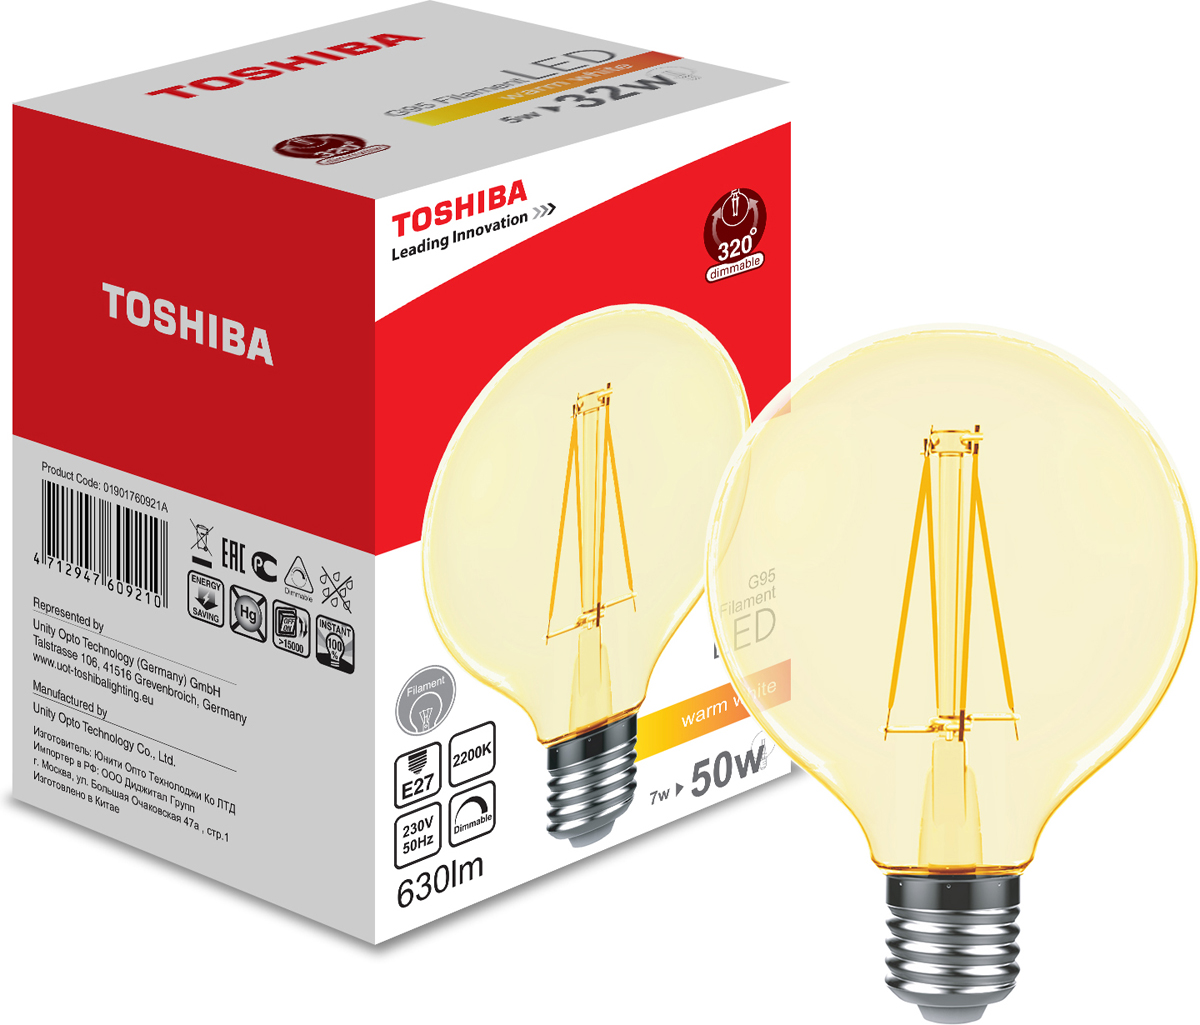 Лампа филаментная Toshiba, теплый свет, цоколь E27, 7W, 2700K. 1901760921A1901760921AФиламентные лампы, хоть и относятся к светодиодным, но и внешне, и конструктивно достаточно сильно от них отличаются. Несведущему человеку вообще может показаться, что это обычная лампа накаливания, только немного со странностями. На самом деле филаментные светодиодные лампы объединили лучшие качества привычных нам лампочек Ильича и современных led-ламп. Результат получился интересный, экономичный, экологичный и глазу весьма приятный. Филамент – основной функциональный элемент такой лампы, представляет собой светодиодную полоску особой конструкции. Внешним видом филаменты напоминают нить, потому некоторые так их и называют – лампочки на светодиодных нитях.